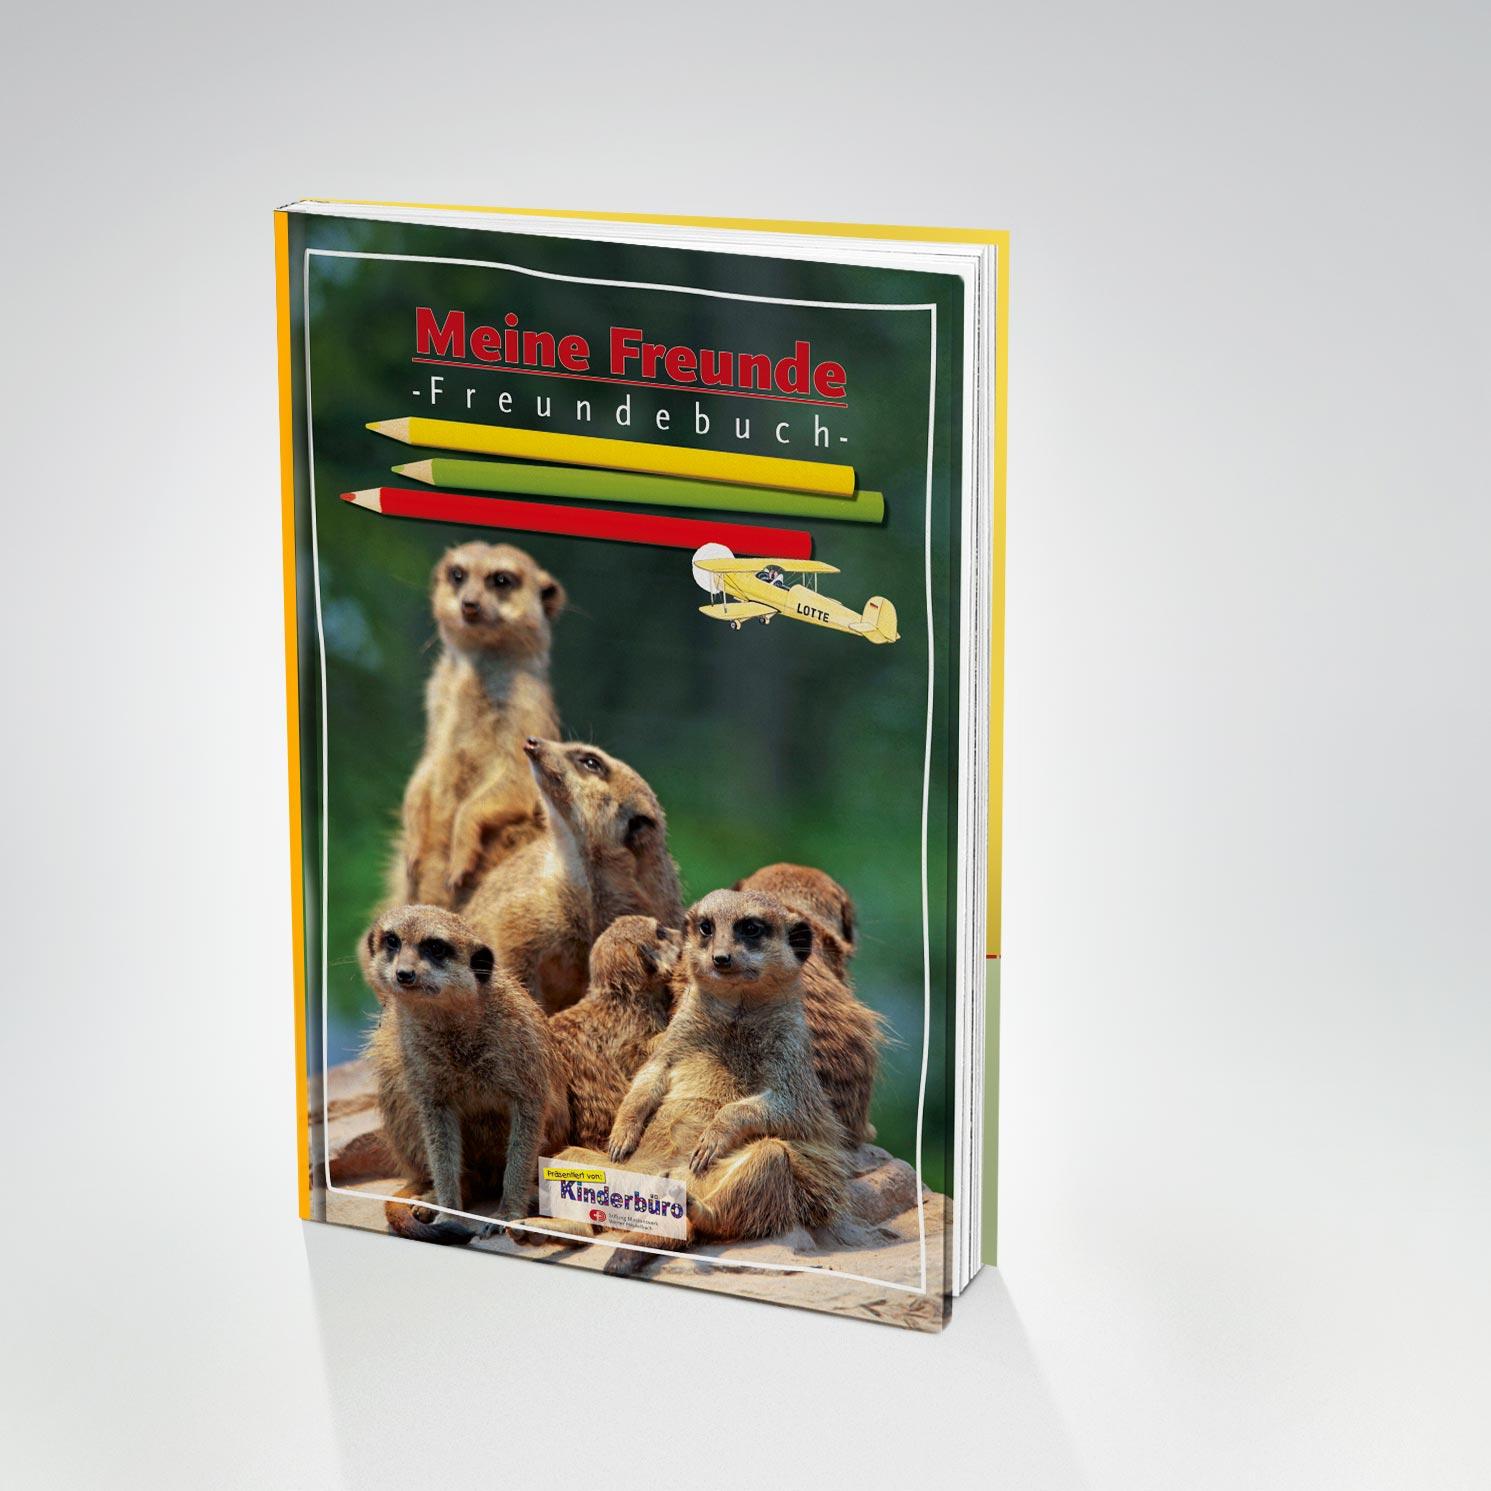 Meine freunde. Ein Freundebuch für Kinder